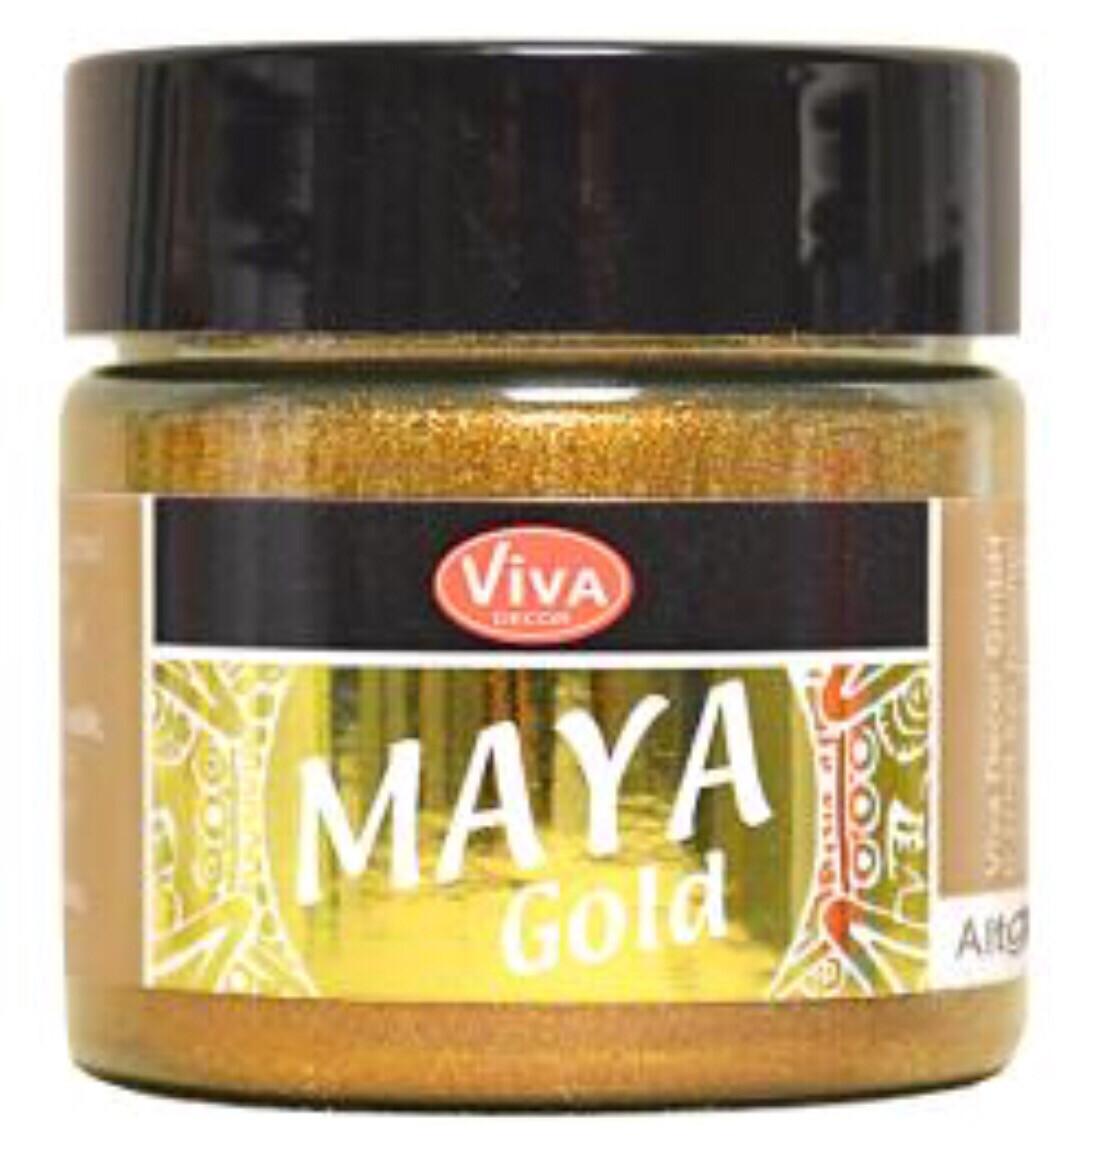 Viva Metallic Acrylic Paint (GOLD)